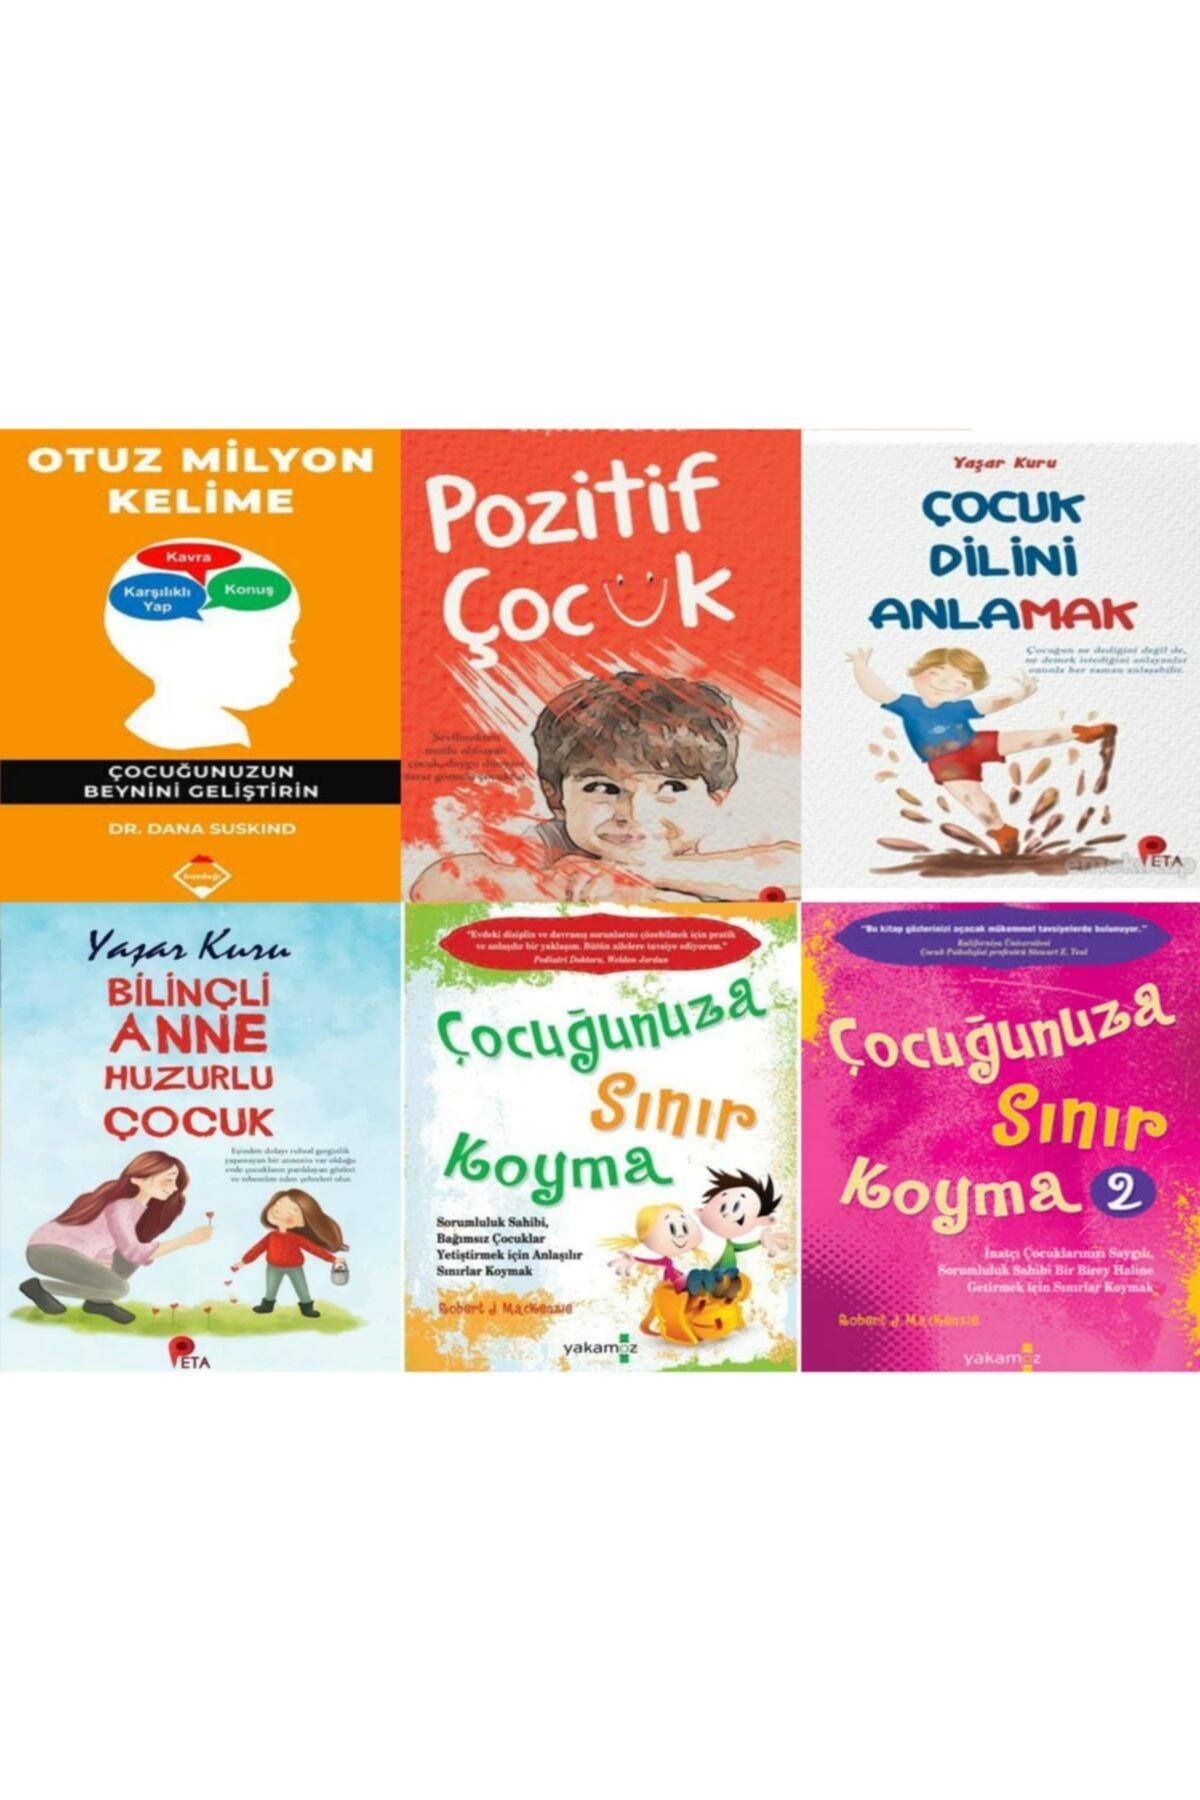 peta kitap Otuz Milyon Kelime,pozitif Çocuk, Çocuk Dilini Anlamak, Bilinçli Anne ,sınır Koyma 1-2(6 Kitap Set) 1